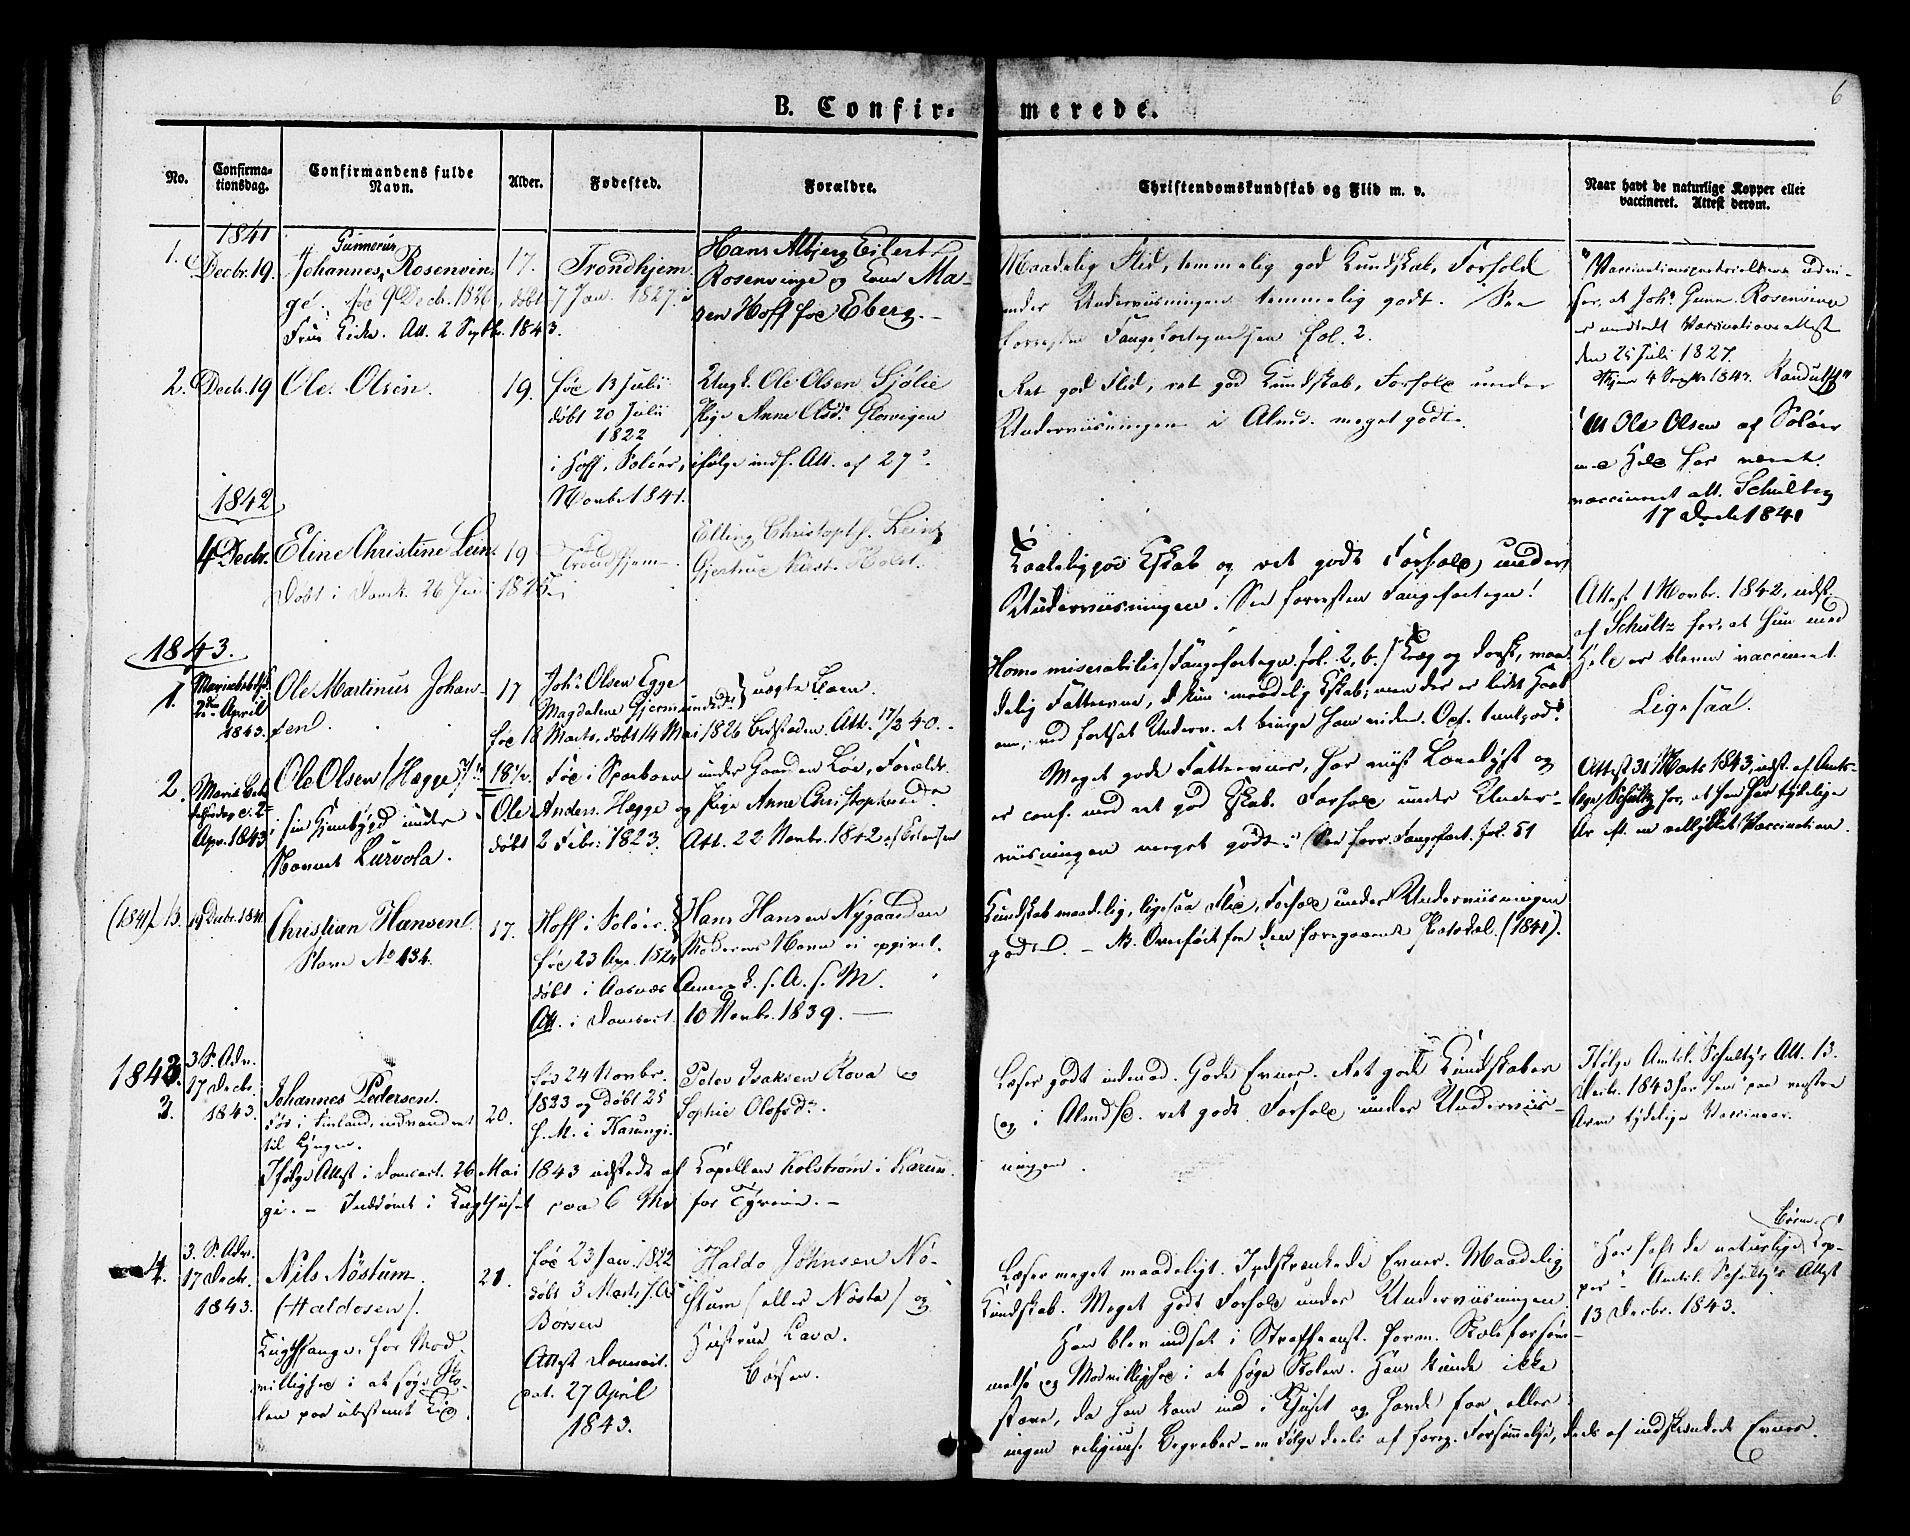 SAT, Ministerialprotokoller, klokkerbøker og fødselsregistre - Sør-Trøndelag, 624/L0480: Ministerialbok nr. 624A01, 1841-1864, s. 6